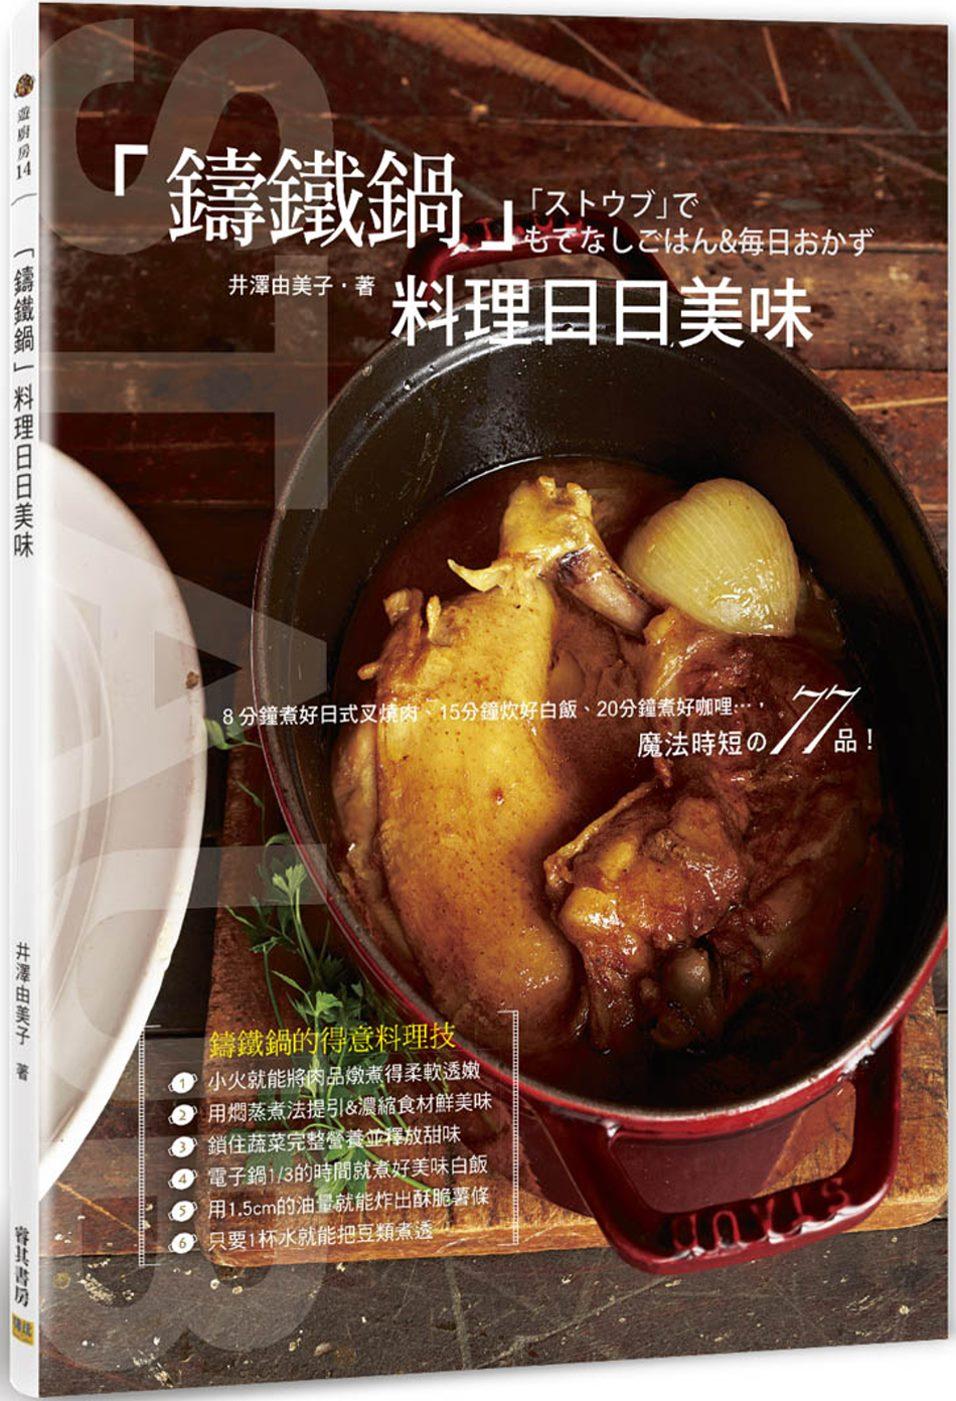 「鑄鐵鍋」料理日日美味:8分鐘煮好日式叉燒肉、15分鐘炊好白飯、20分鐘煮好咖哩…,魔法時短の77品!